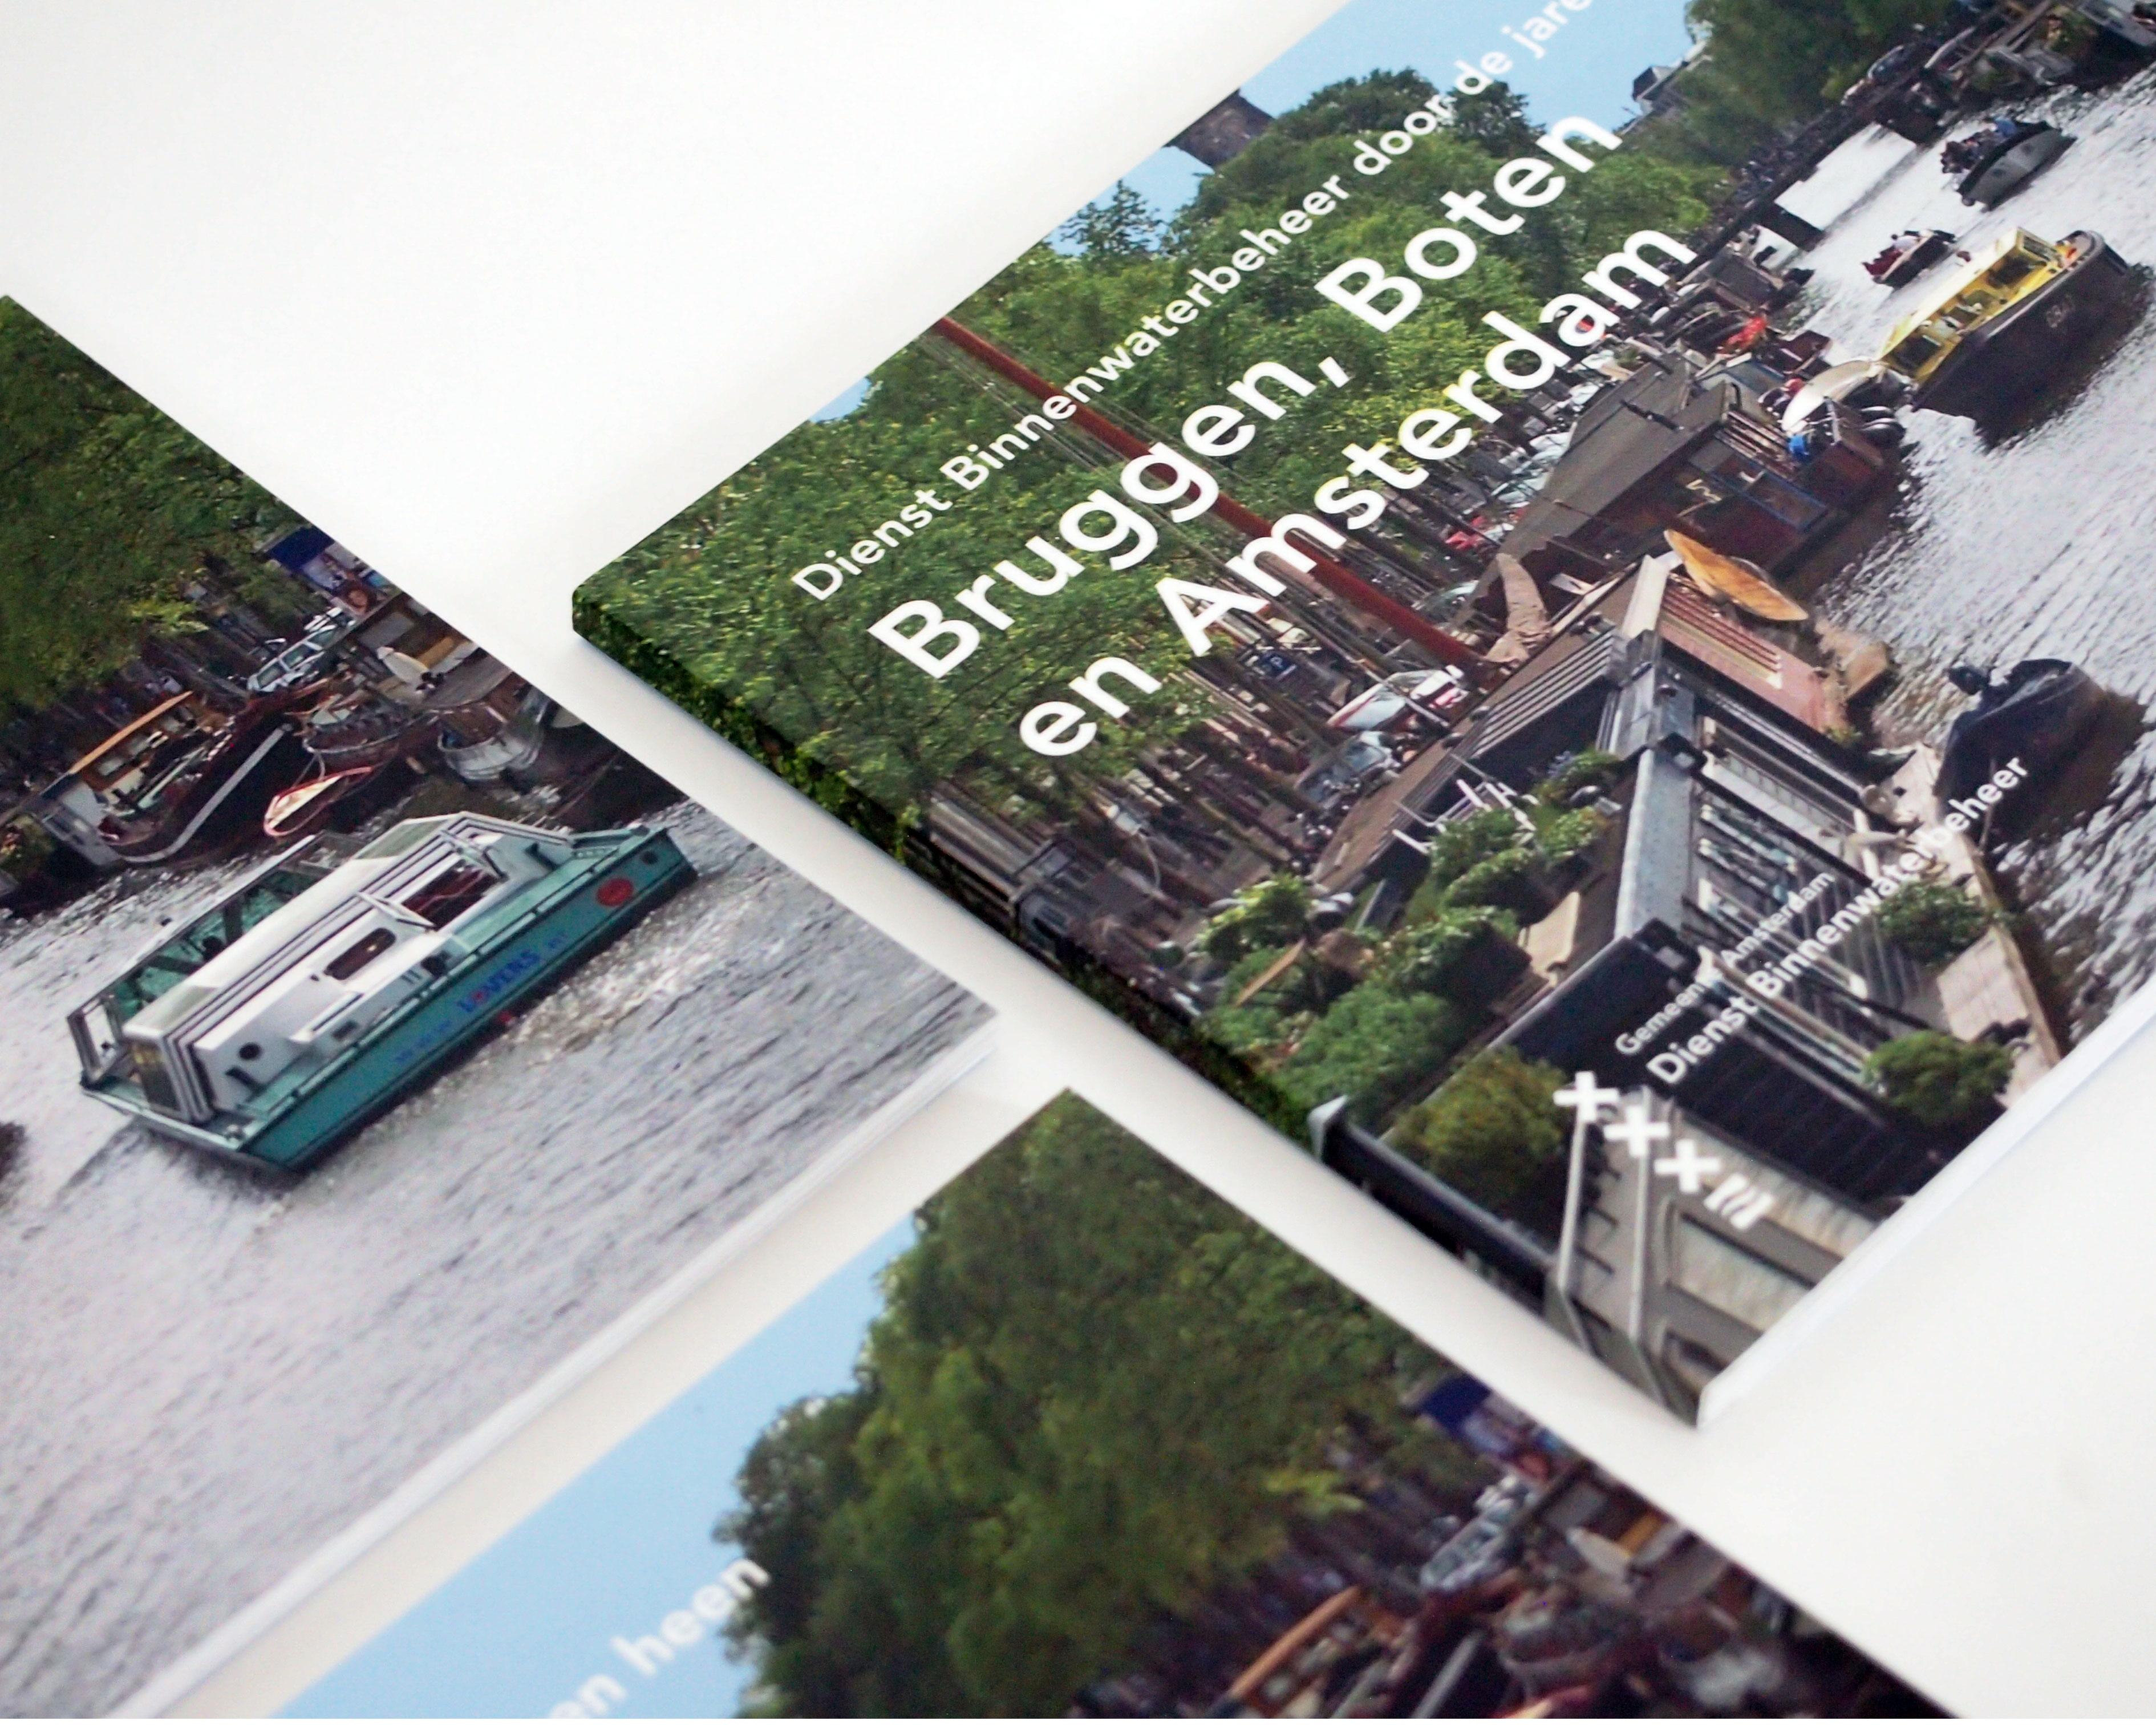 BBA-Bruggen-omslag3-600x480